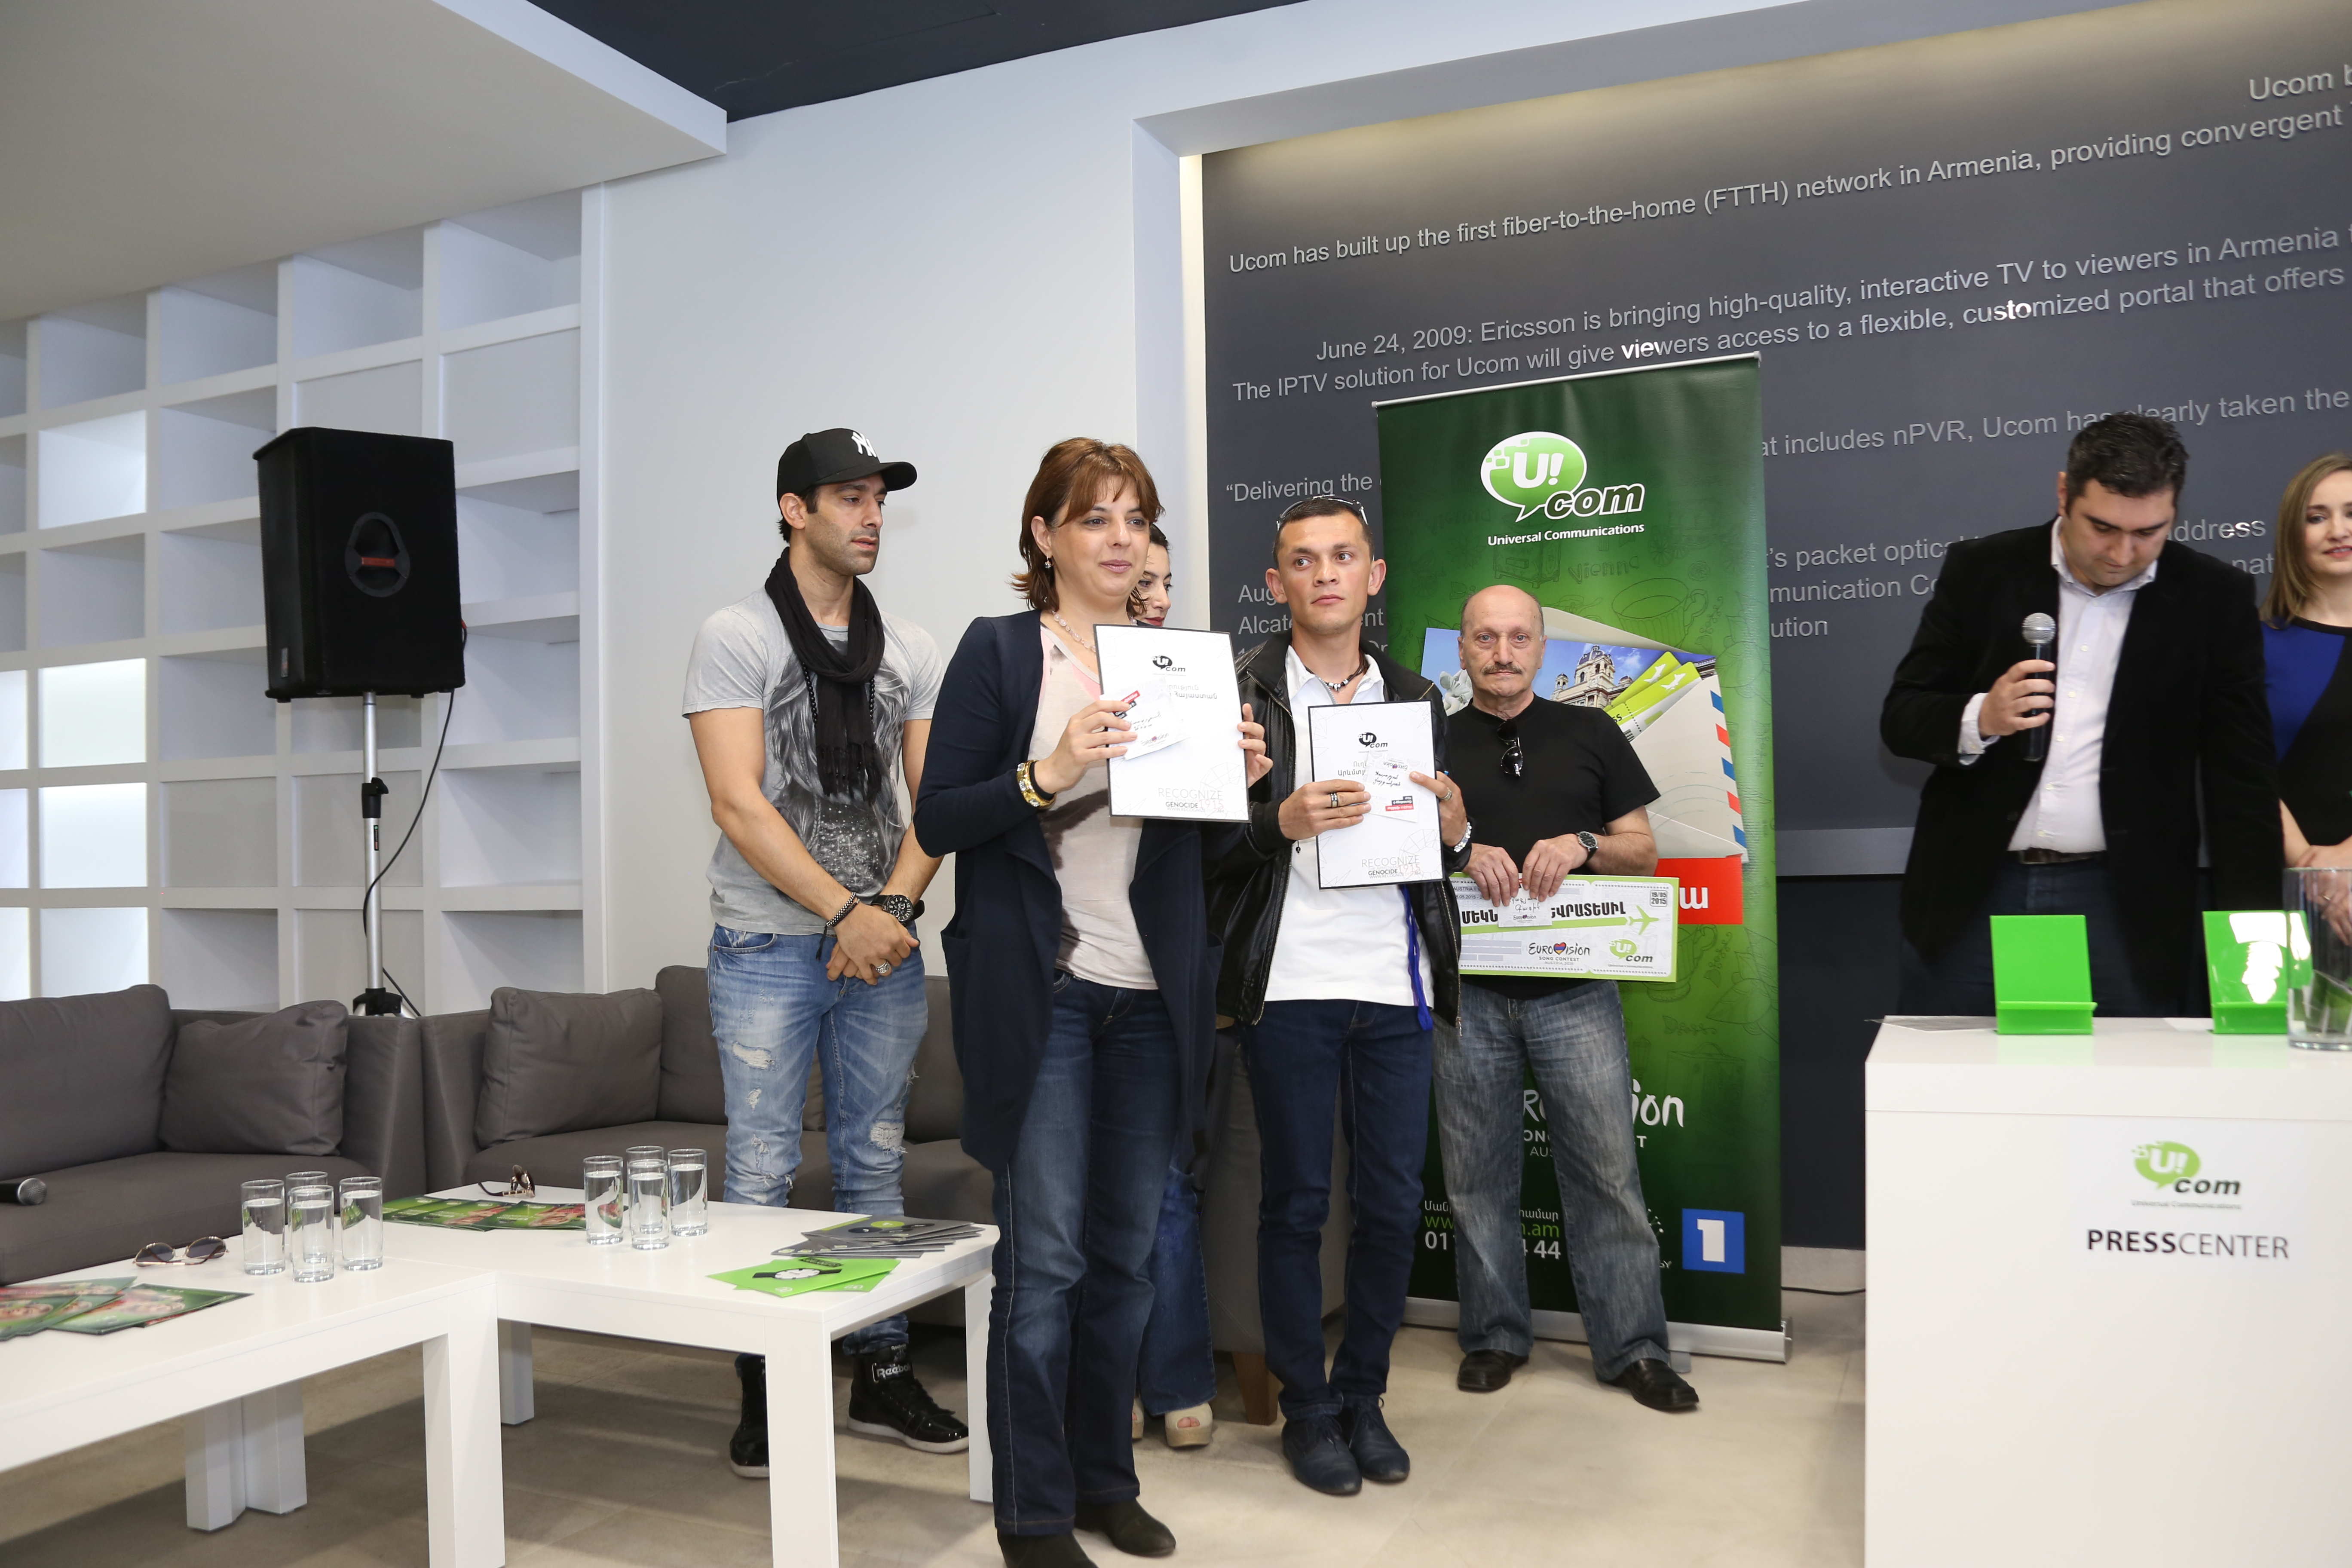 Ucom. երկու բաժանորդ կմեկնի Վիեննա` Եվրատեսիլ 2015 մրցույթին